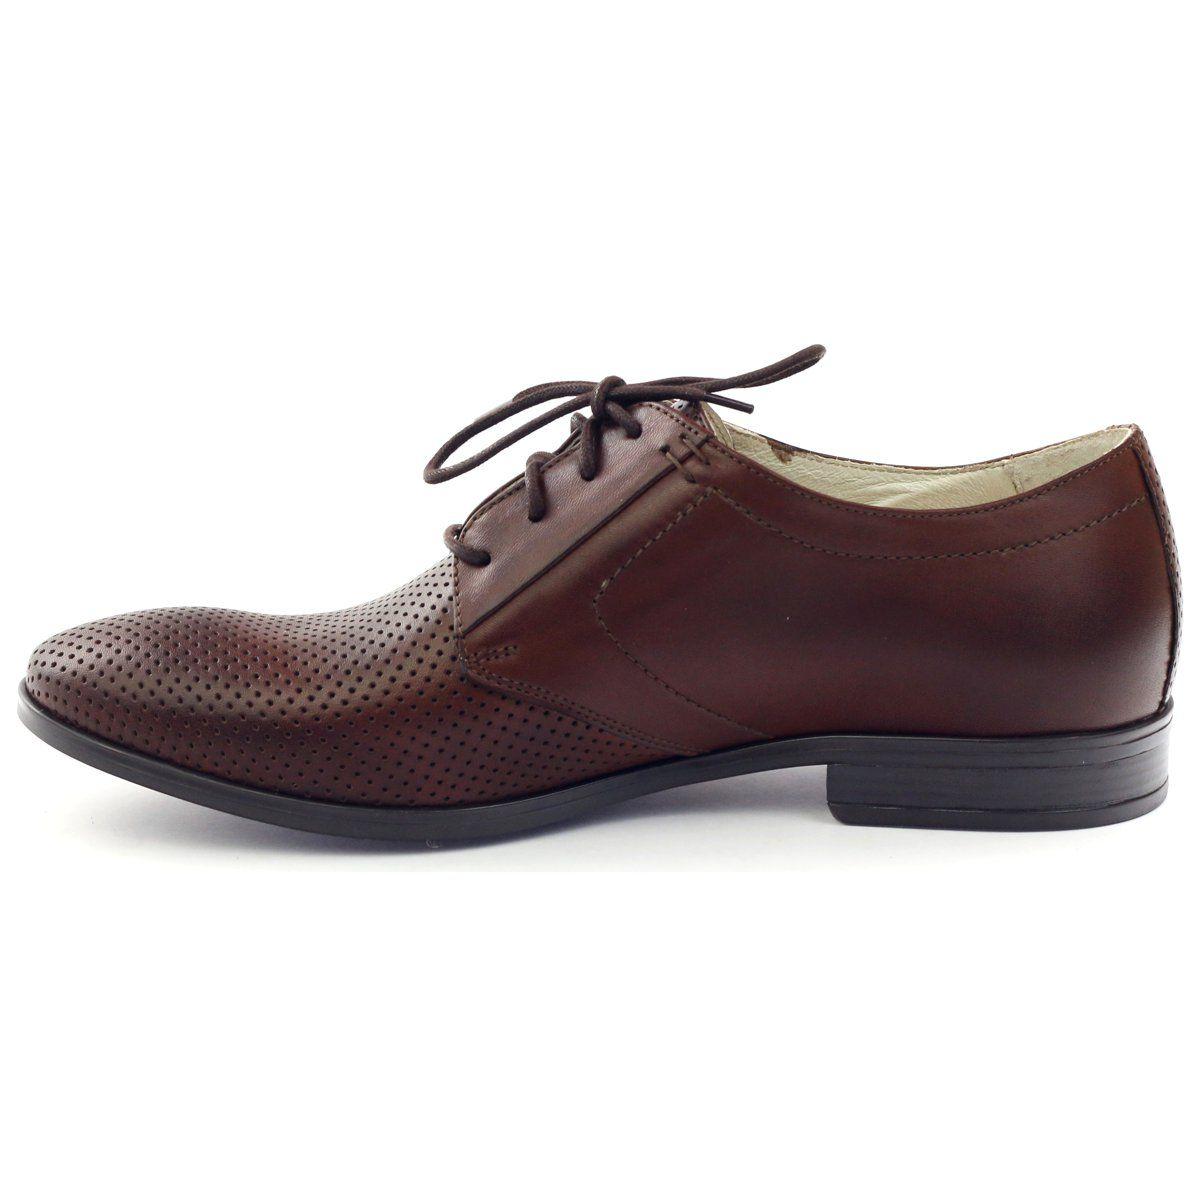 Polbuty Meskie Tur 344 Brazowe Dress Shoes Men Oxford Shoes Dress Shoes